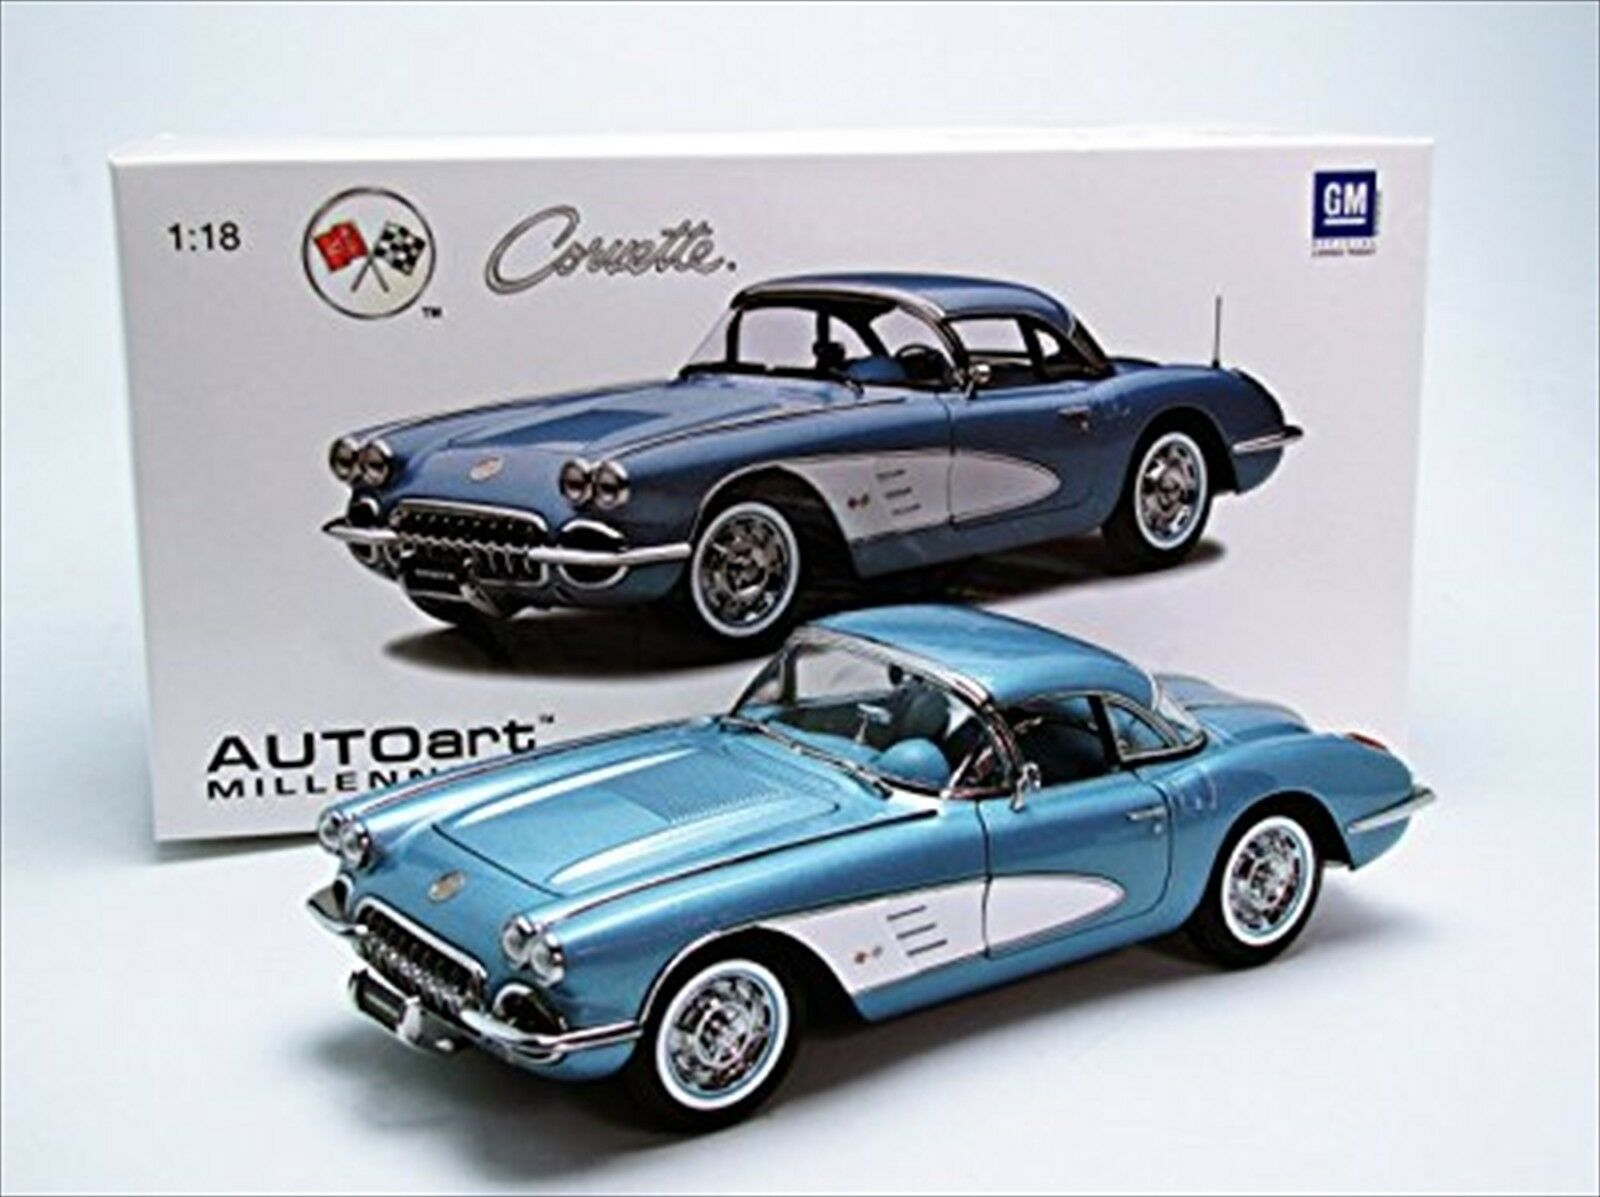 AUTOart 1 18 CHEVROLET Corvette 1958 (Argent Bleu) produit fini  71146 nouveau  haute qualité authentique